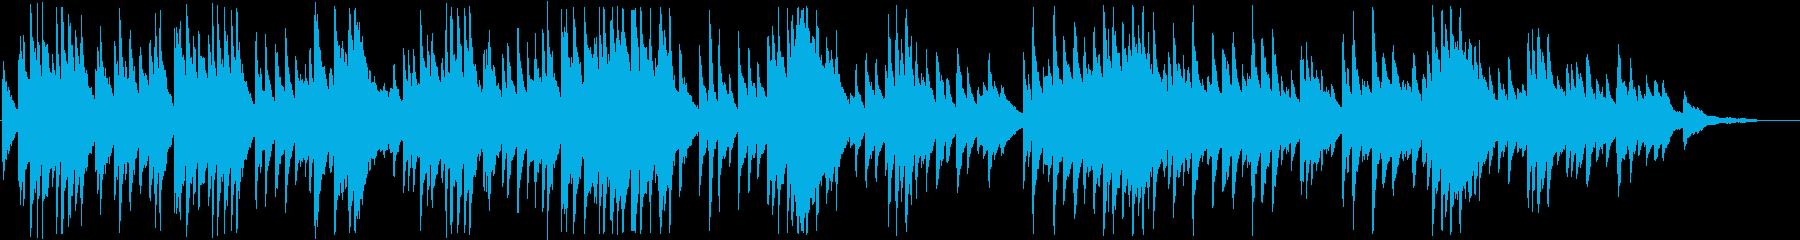 ピアノ調のもの悲しい音楽の再生済みの波形